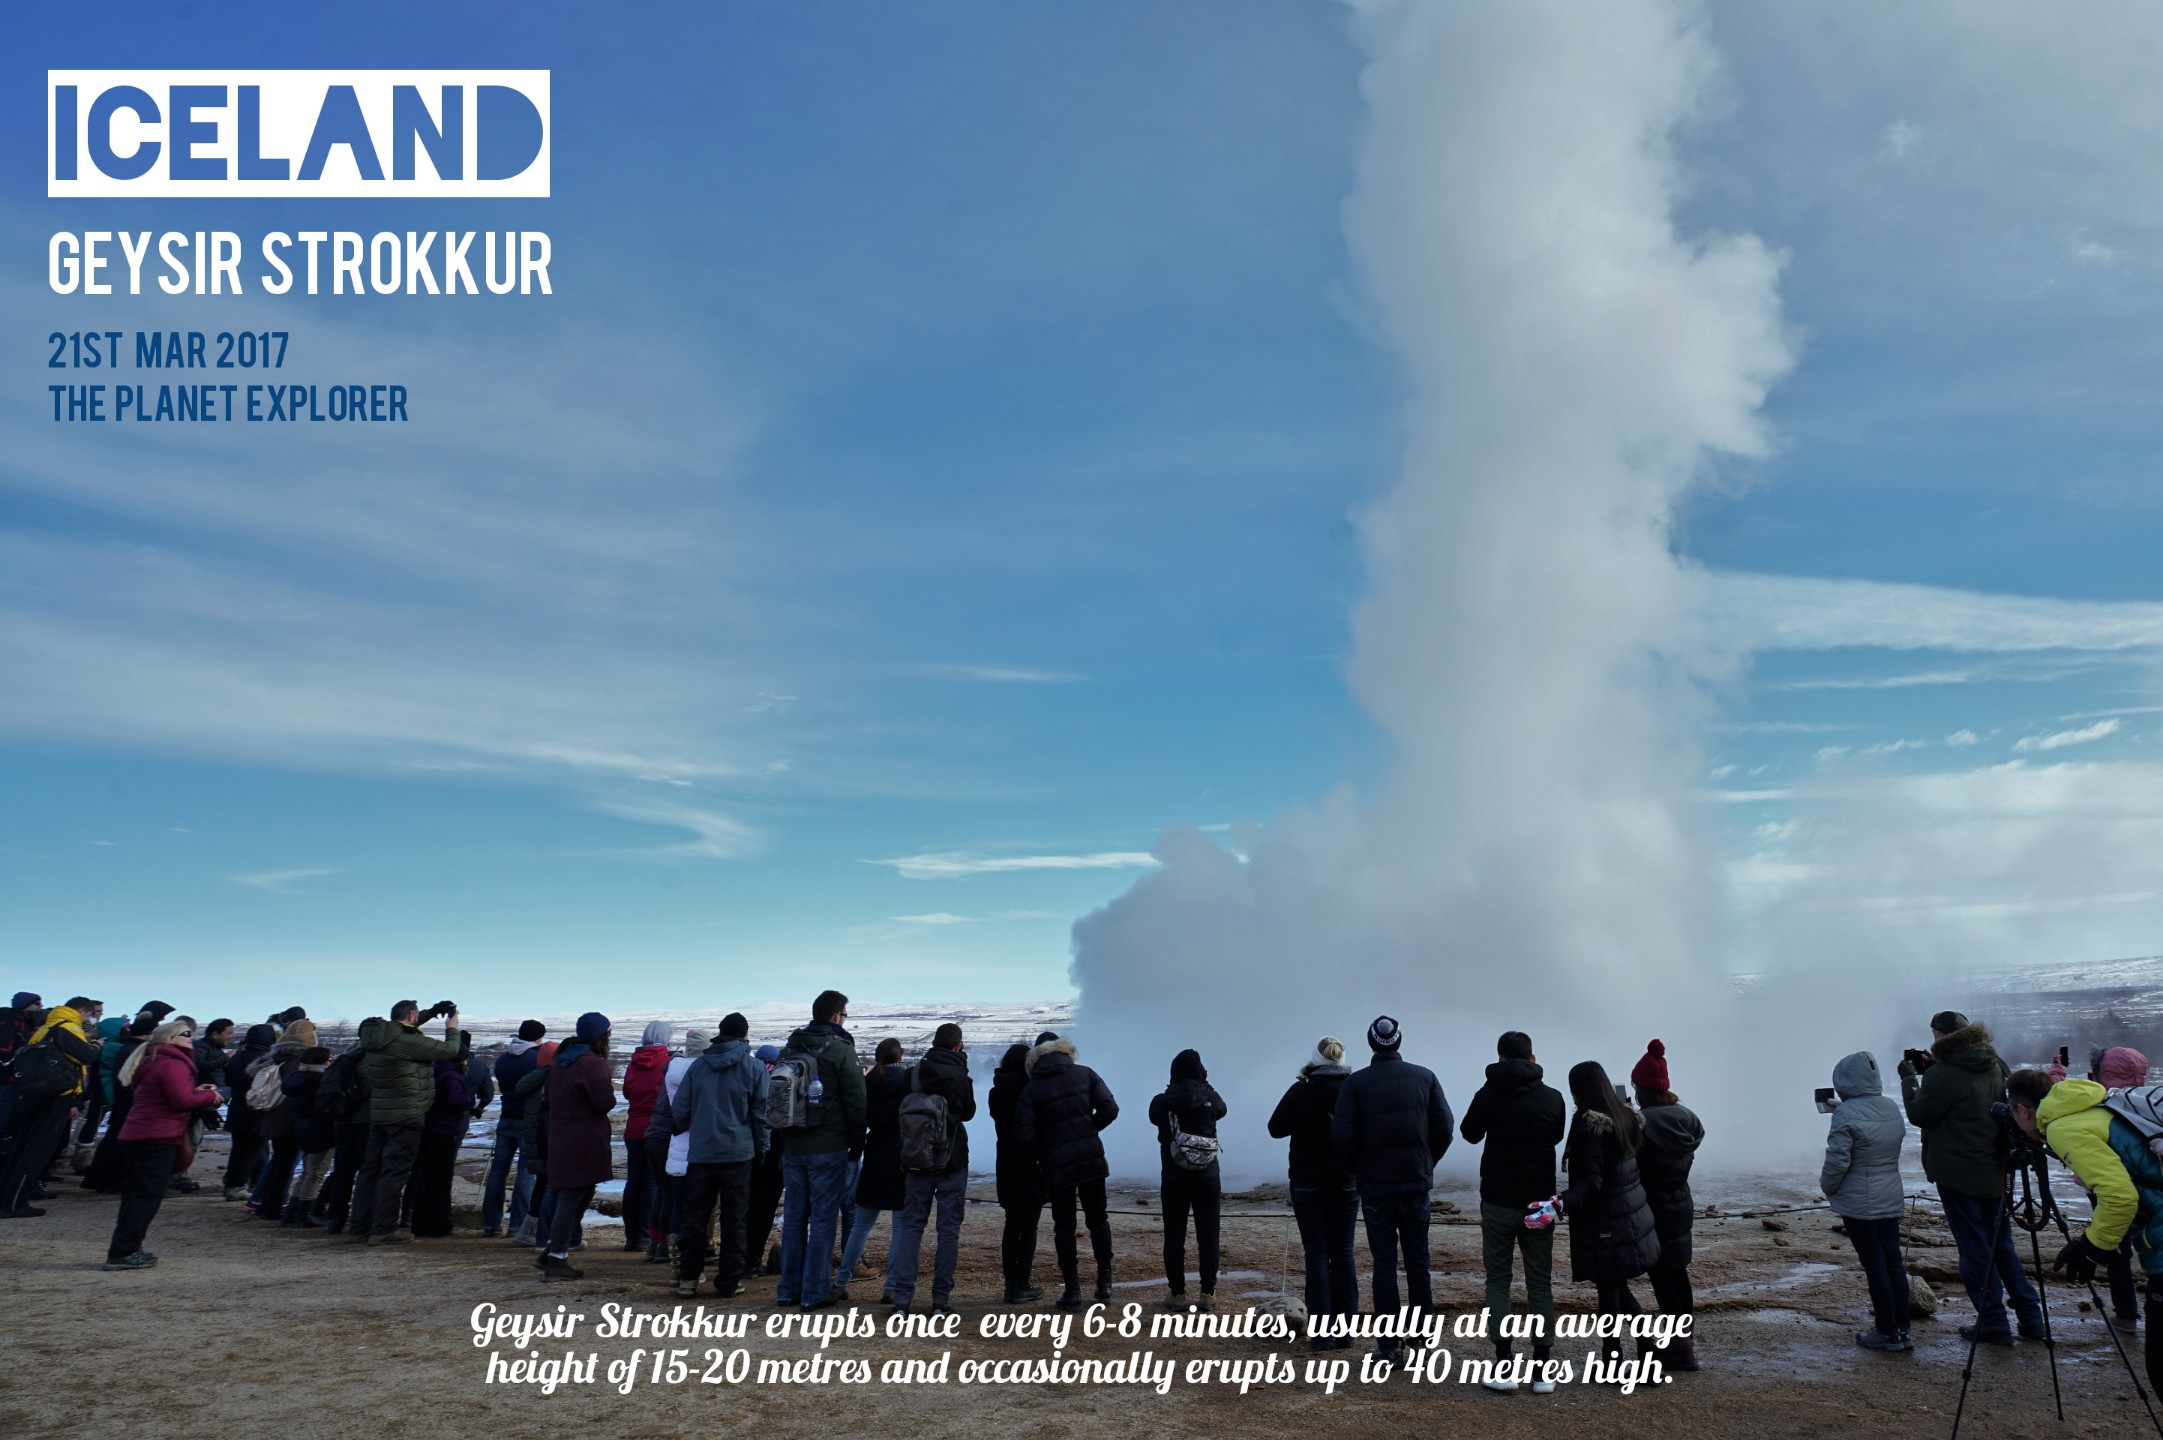 20170321_1402_Iceland_Geysir Strokkur_DSC02331_Sony 7R2_425kb_3x2_@_www